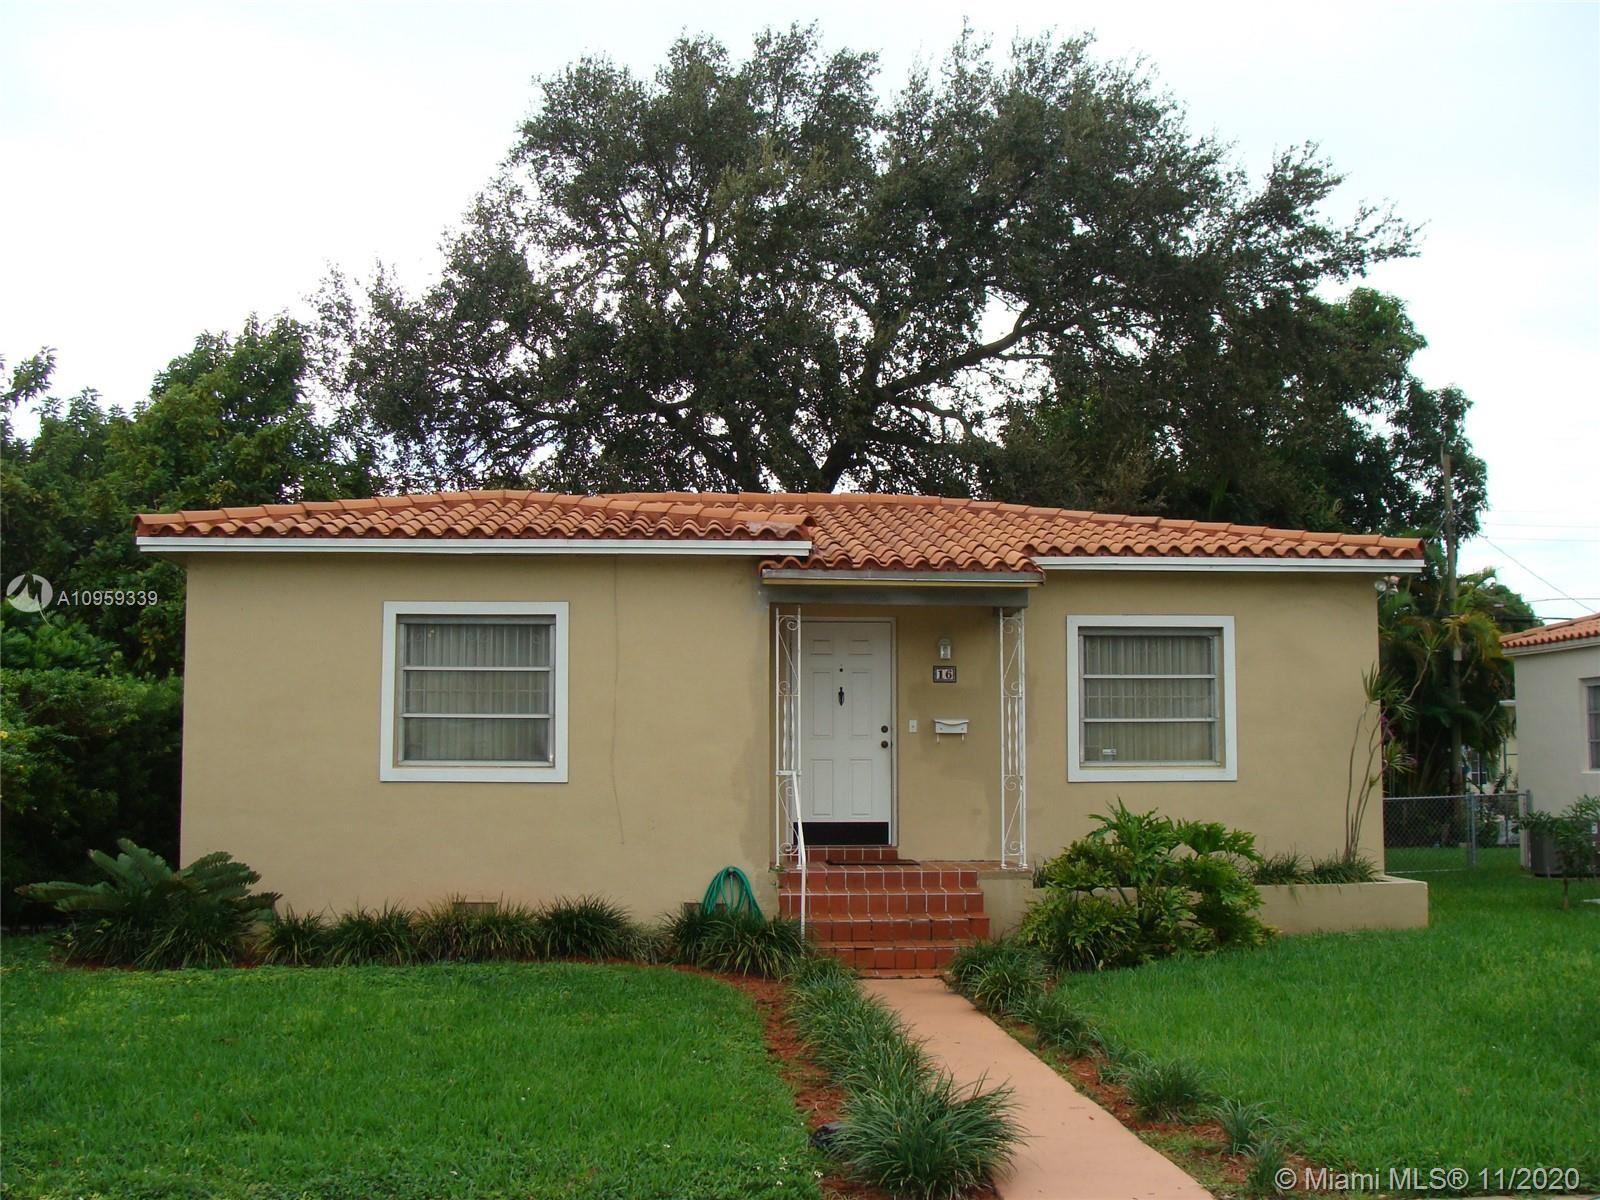 16 Alcantarra Ave, Coral Gables, FL 33134 - #: A10959339